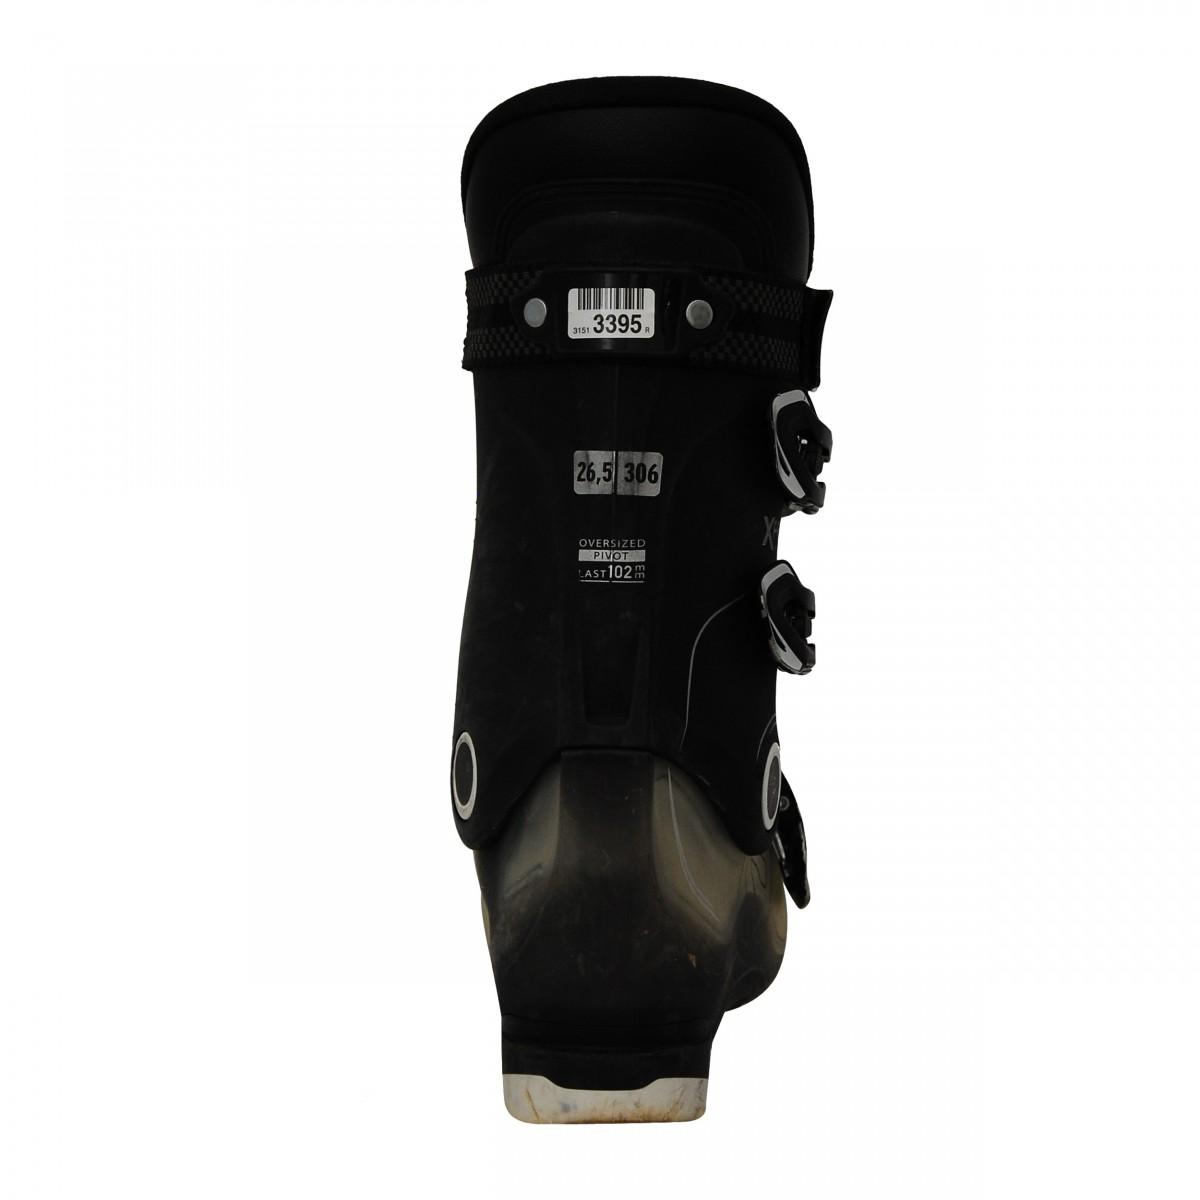 Chaussure ski occasion Salomon Xpro R90 noirtrans